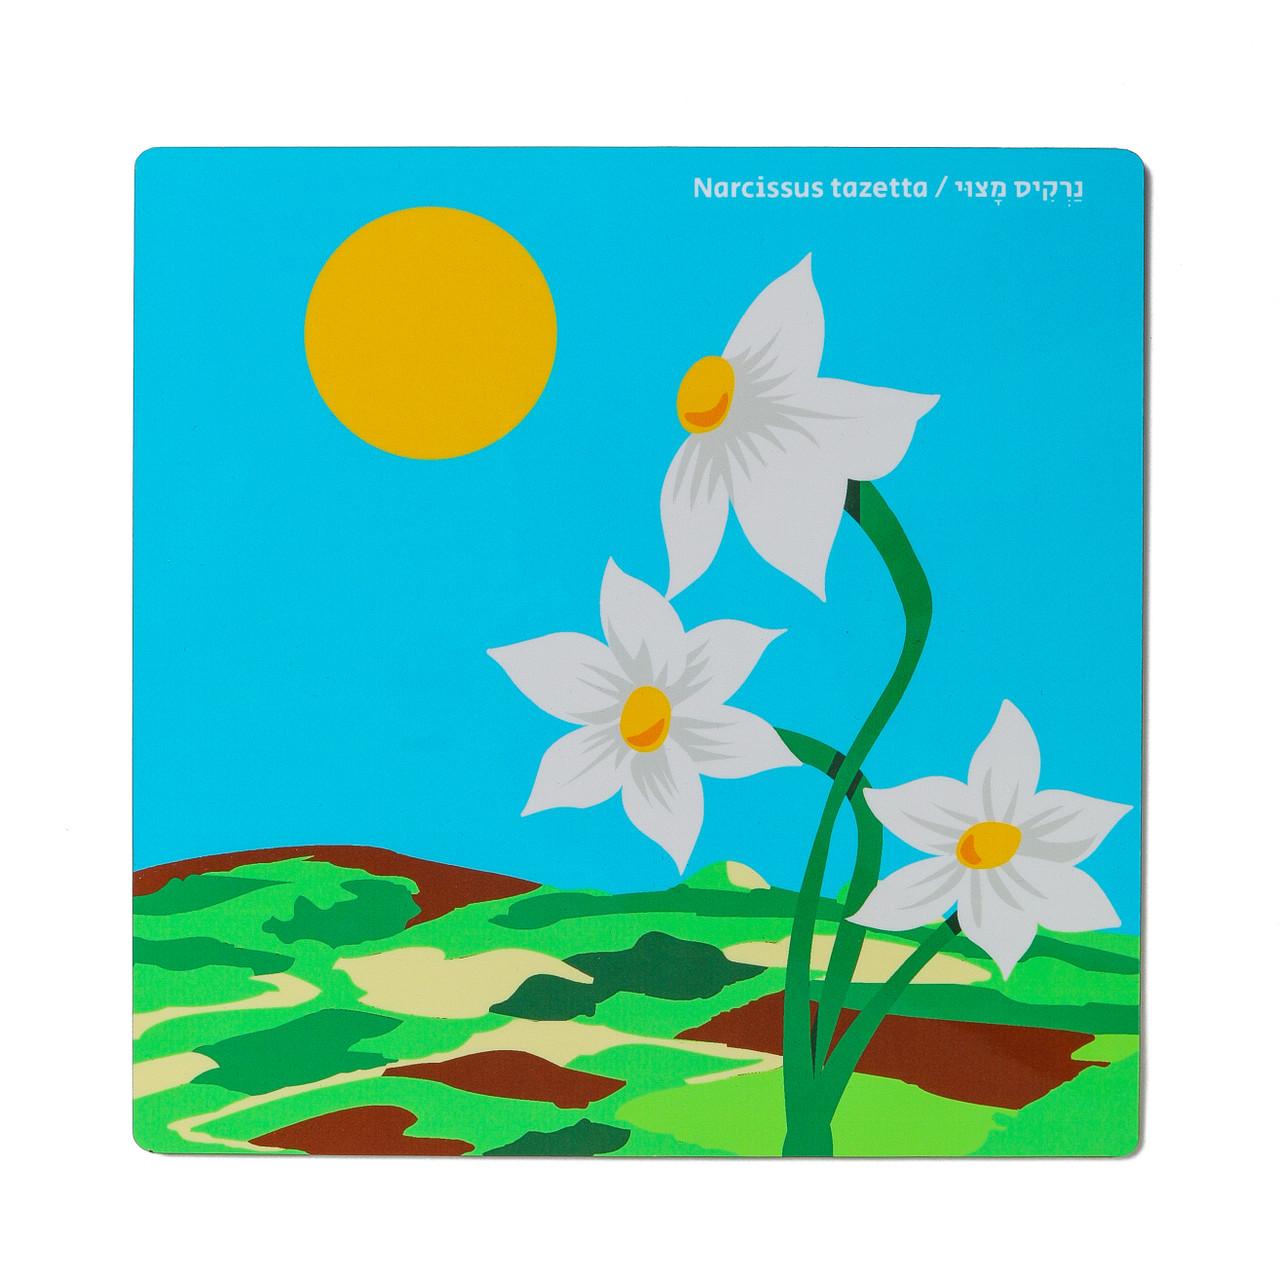 Flower Trivet Narcissus Tazetta White Daffodil